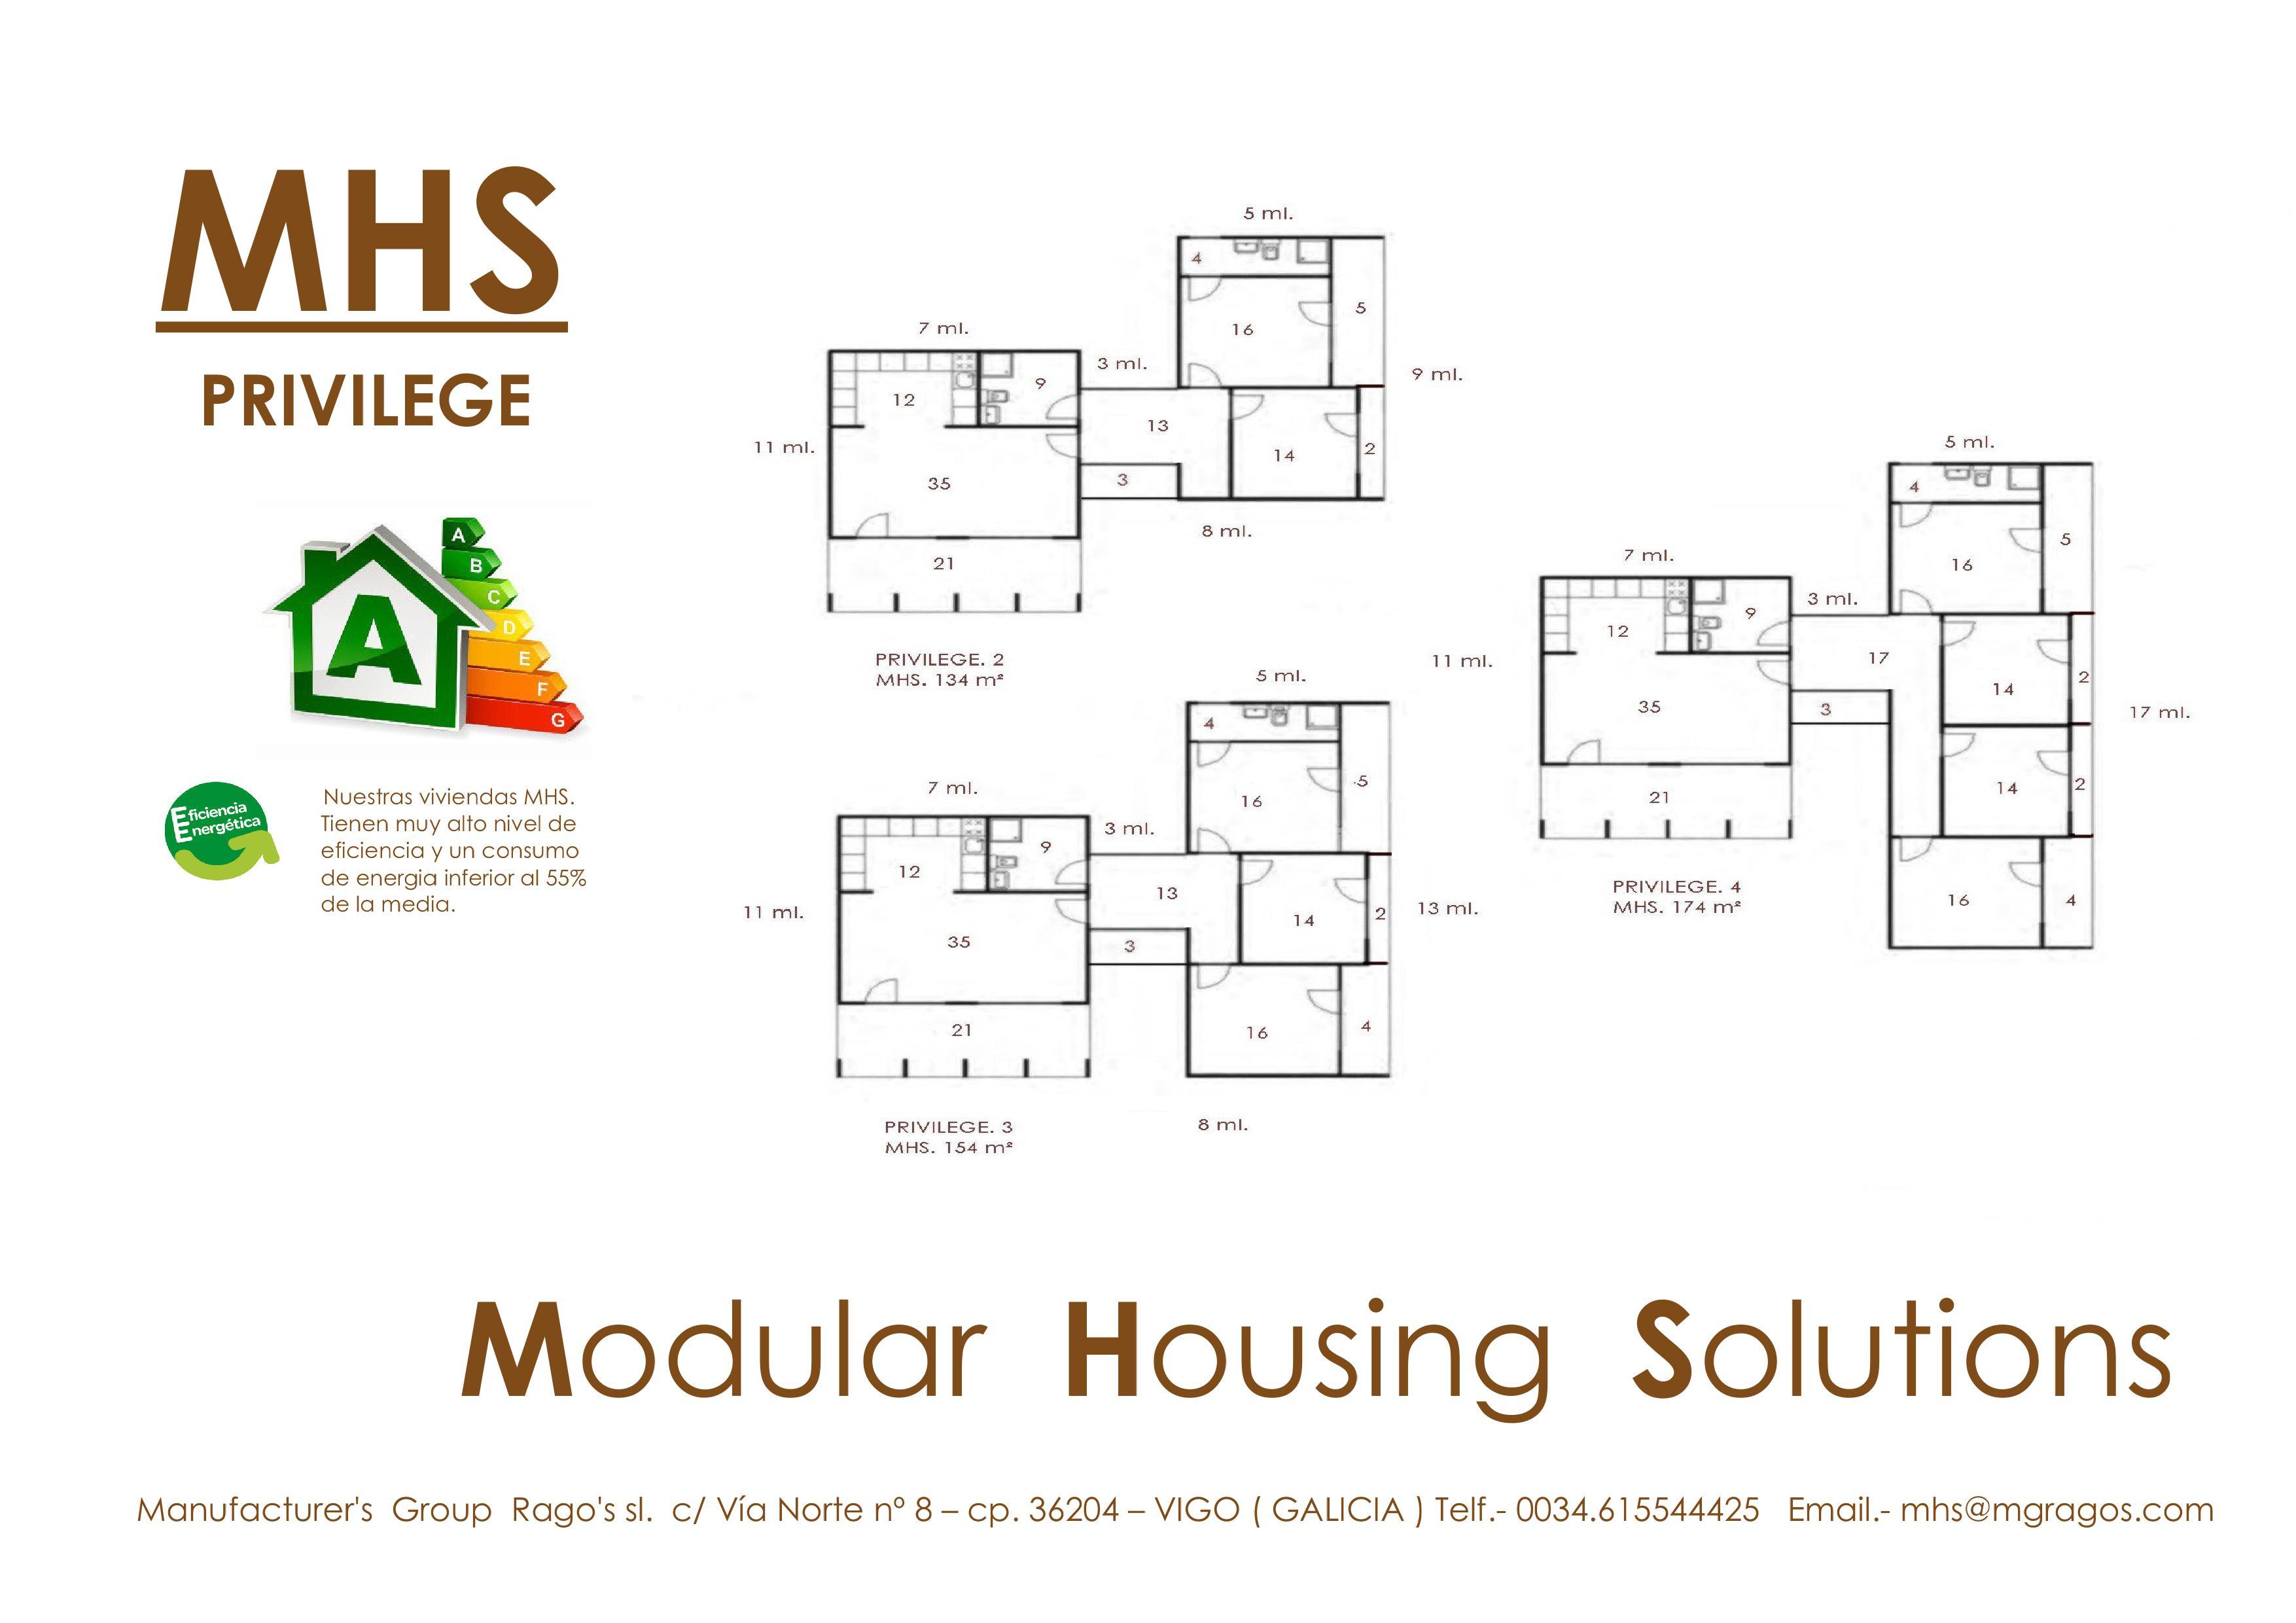 Modelo MHS PRIVILEGE-10